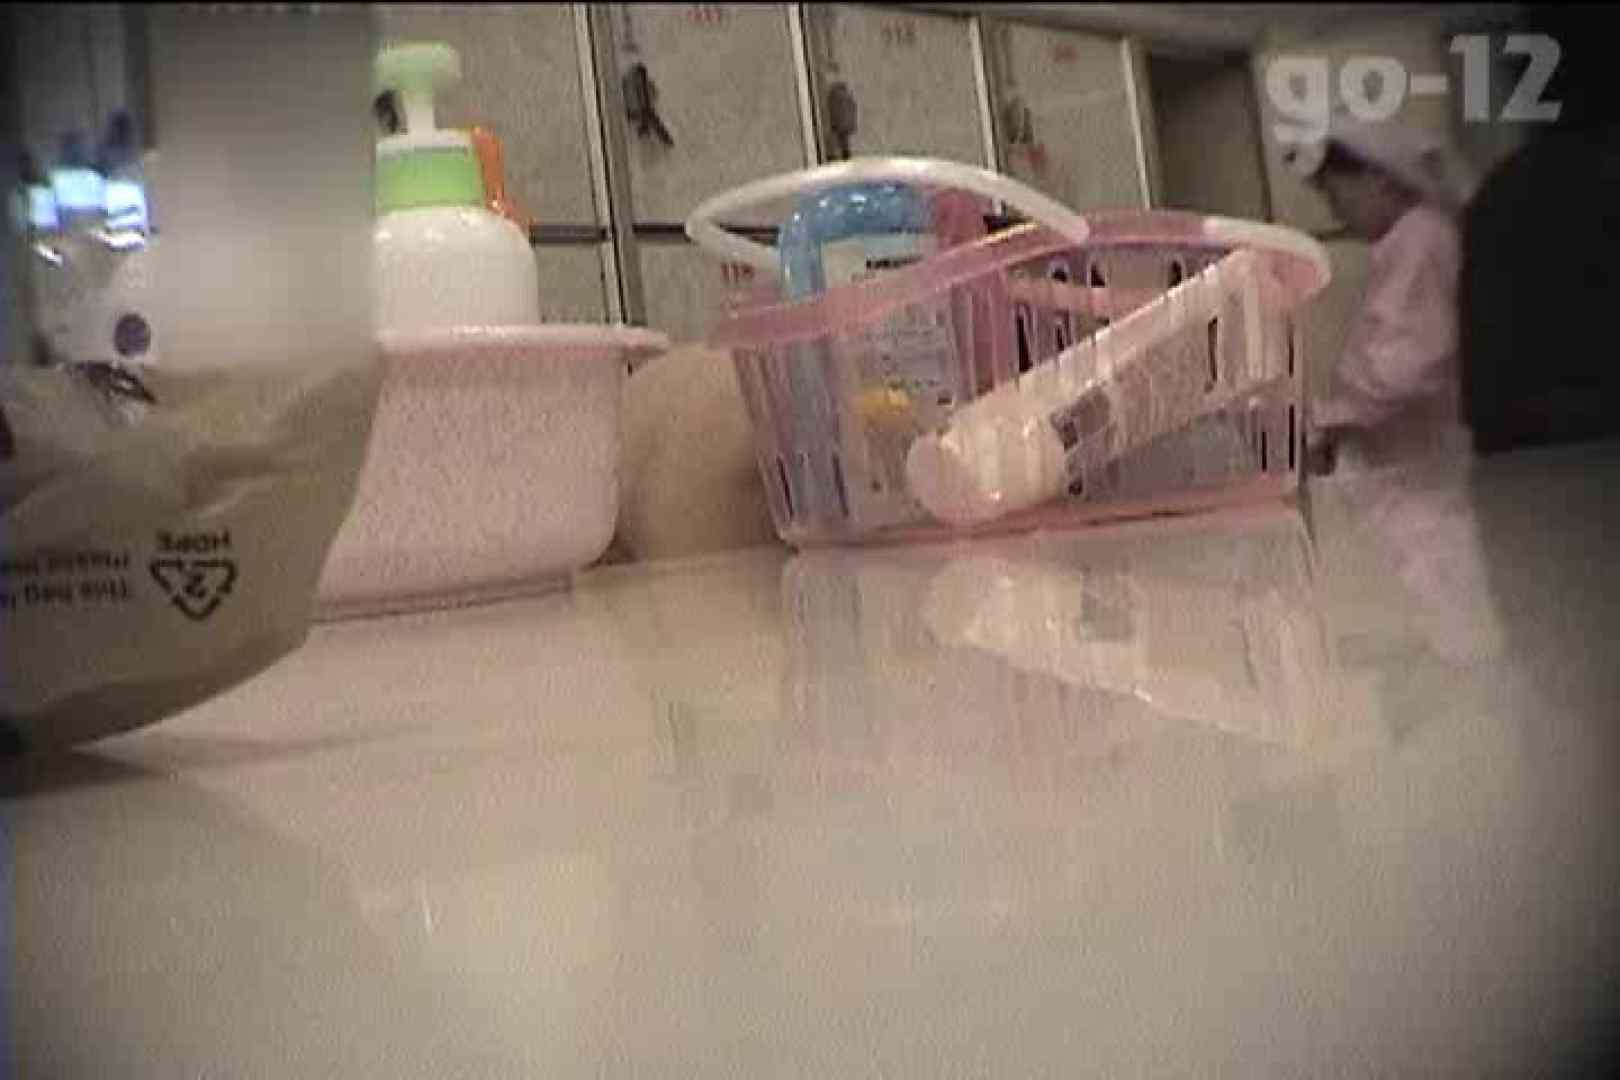 電波カメラ設置浴場からの防HAN映像 Vol.12 盗撮 | OLのボディ  82PIX 64